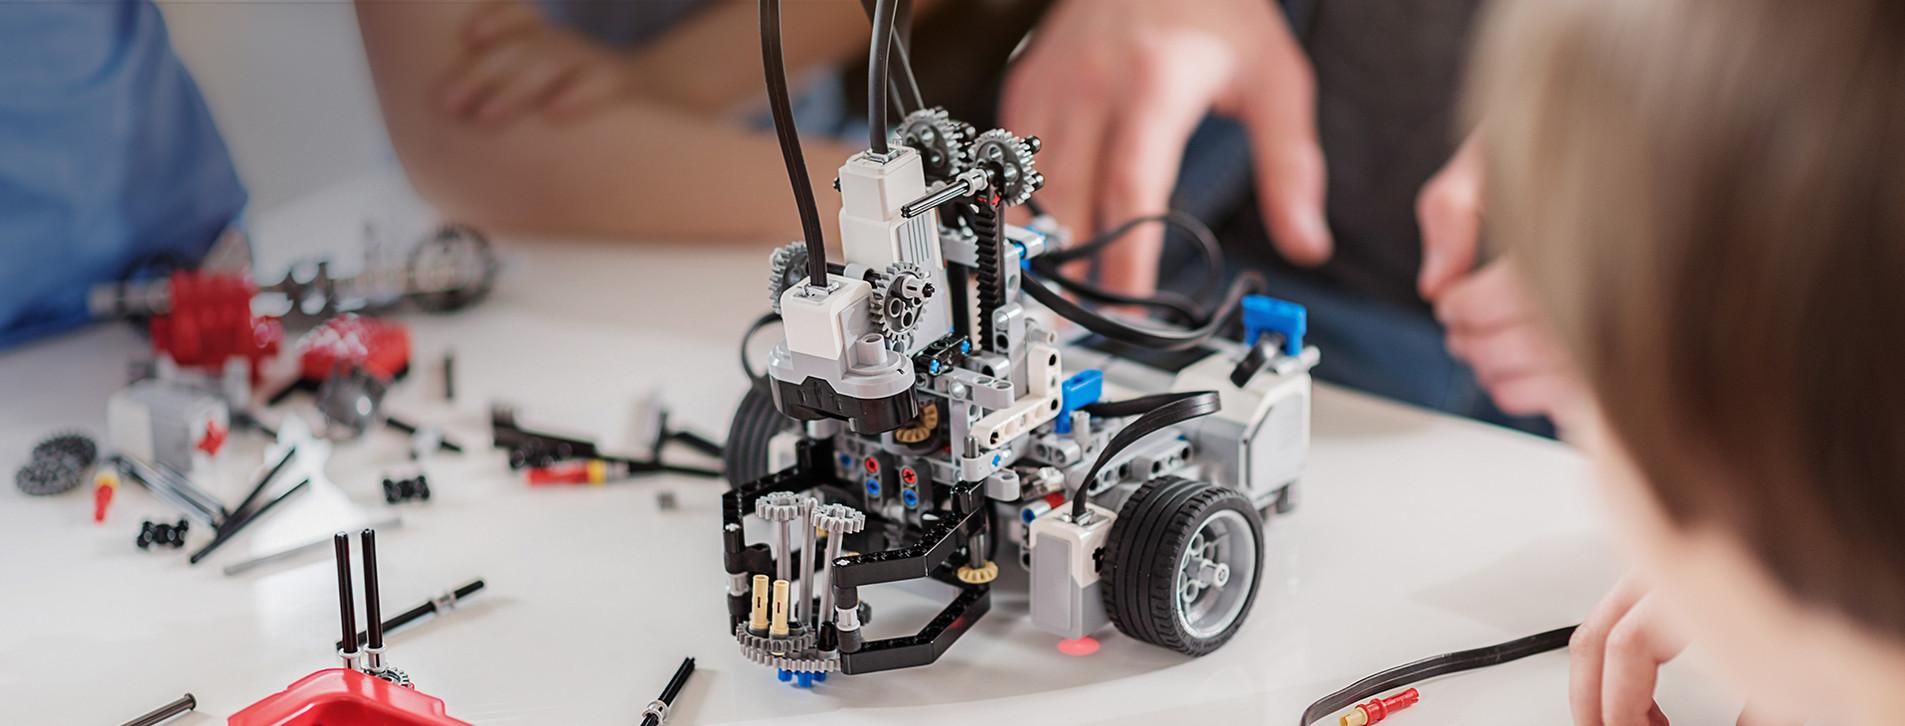 Фото 1 - Мастер-класс робототехники для компании